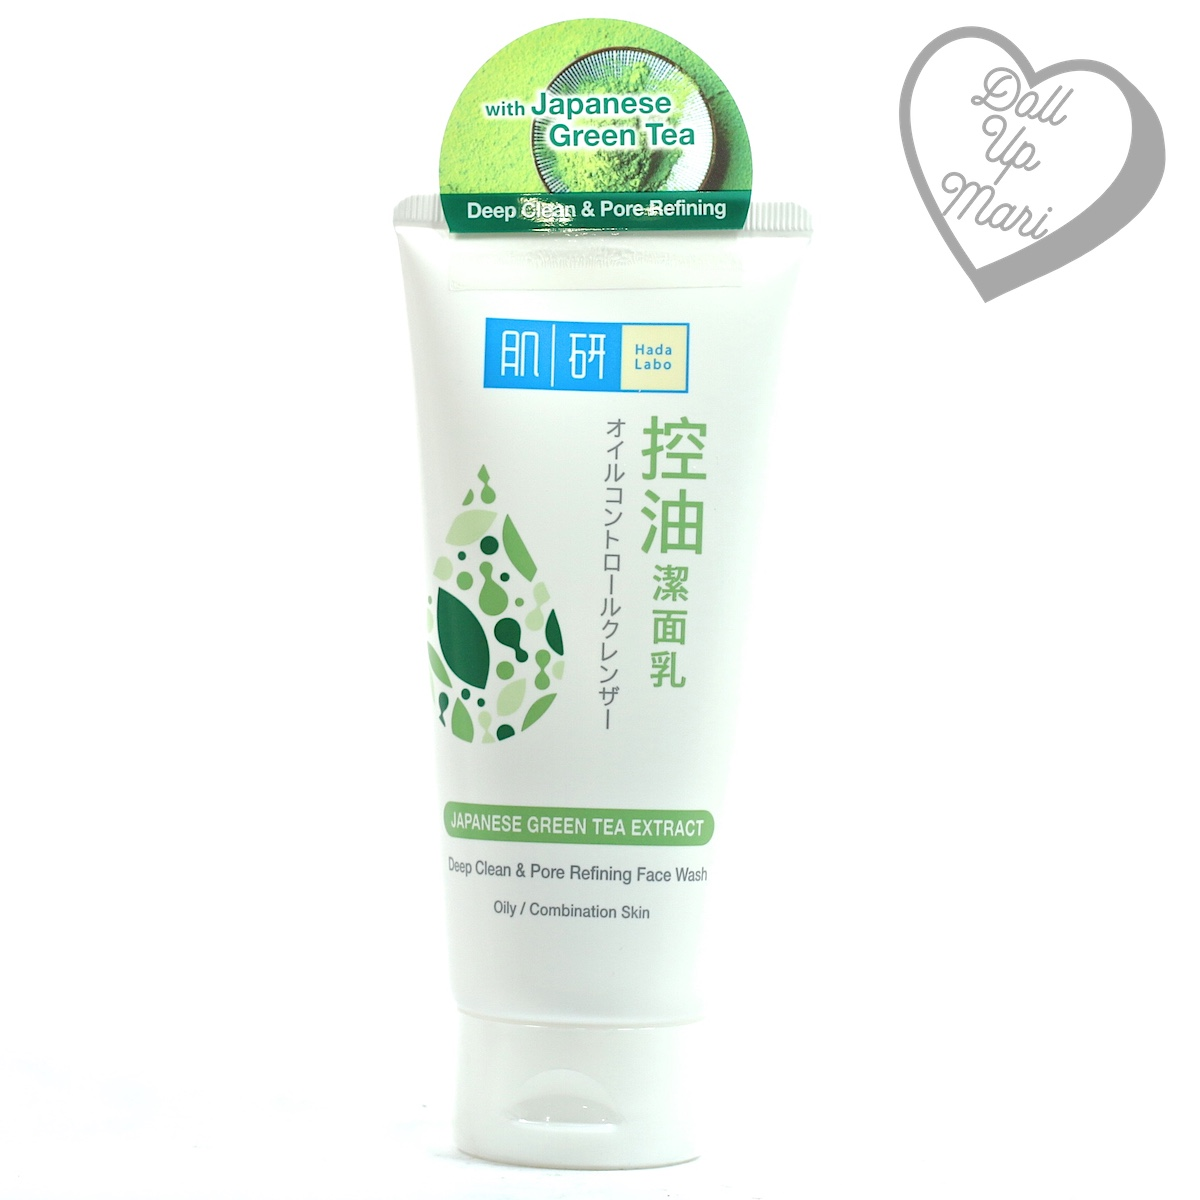 Hada Labo Deep Clean & Pore Refining Facial Wash